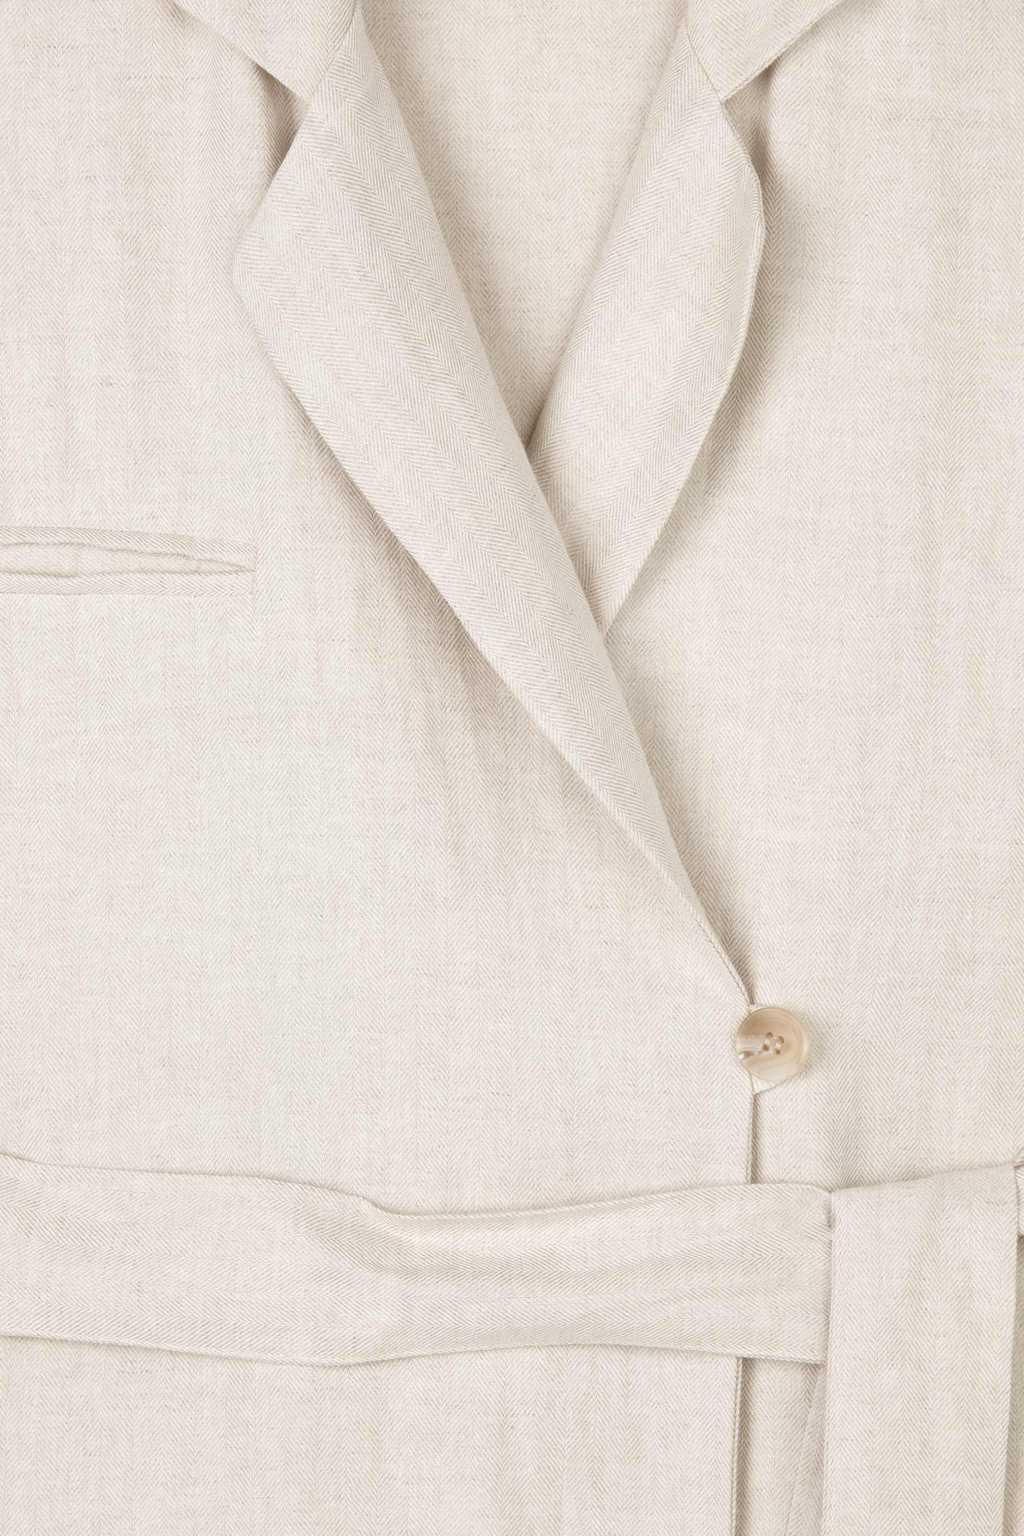 Coat K001 Beige 6